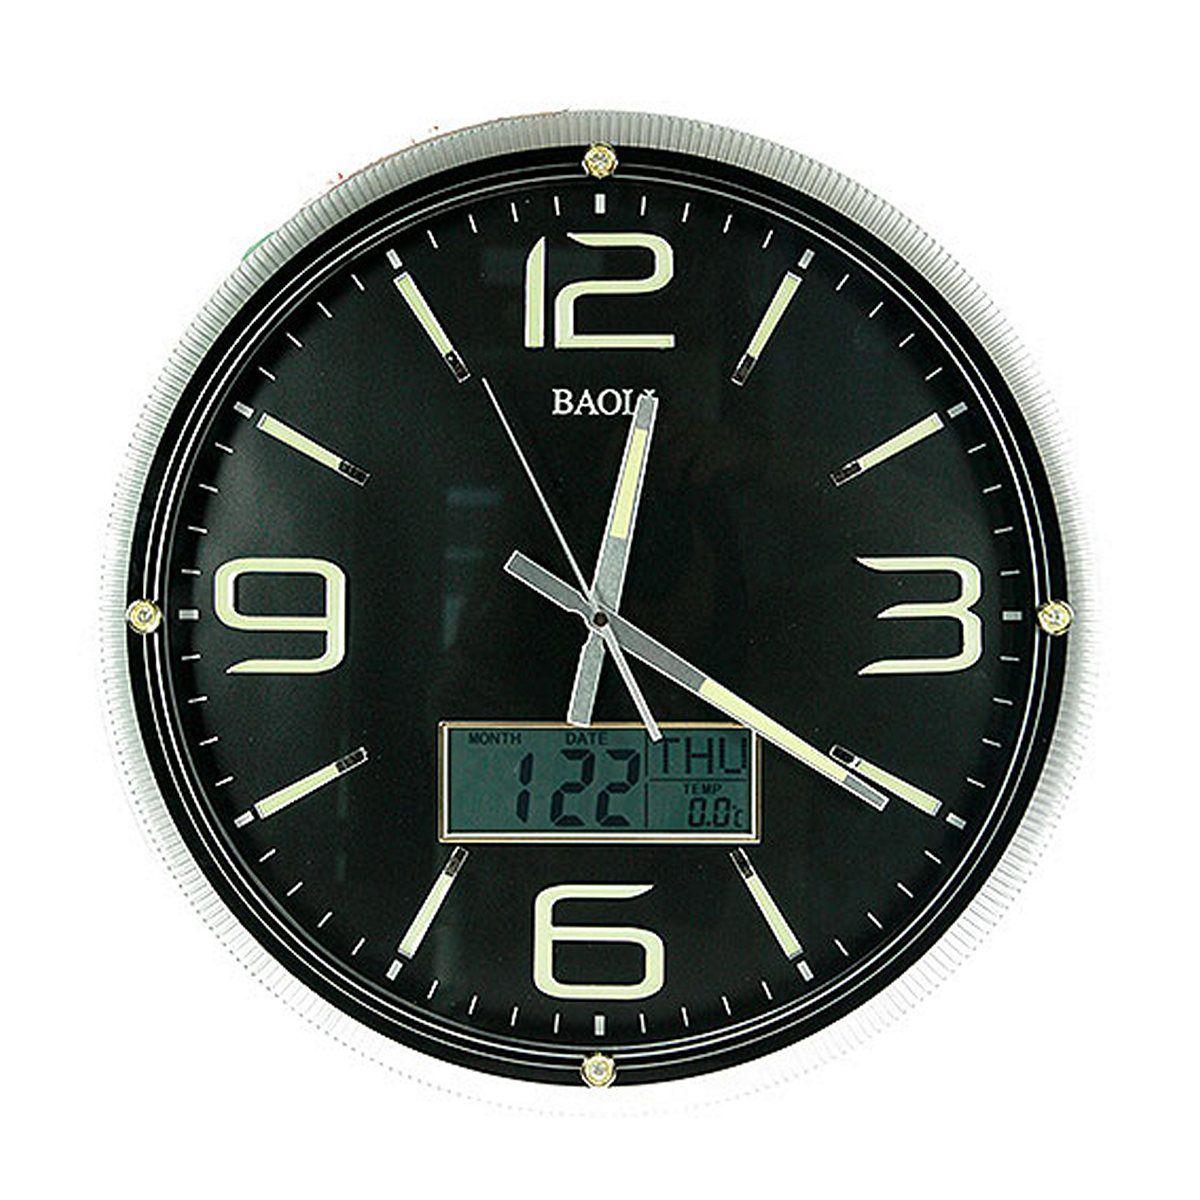 Часы настенные Русские Подарки, с календарем, термометром, электронными часами, диаметр 42 см. 14812054 009318Настенные кварцевые часы Русские Подарки изготовлены из пластика. Циферблат защищен стеклом. Часы имеют три стрелки - часовую, минутную и секундную. Благодаря специальному встроенному механизму, вы можете пользоваться функцией календаря, термометра и электронных часов. С обратной стороны имеетсяпетелька для подвешивания на стену. Изящные часы красиво и оригинально оформят интерьер дома или офиса. Также часы могут стать уникальным, полезным подарком для родственников, коллег, знакомых и близких.Часы работают от батареек типа АА (в комплект не входят).